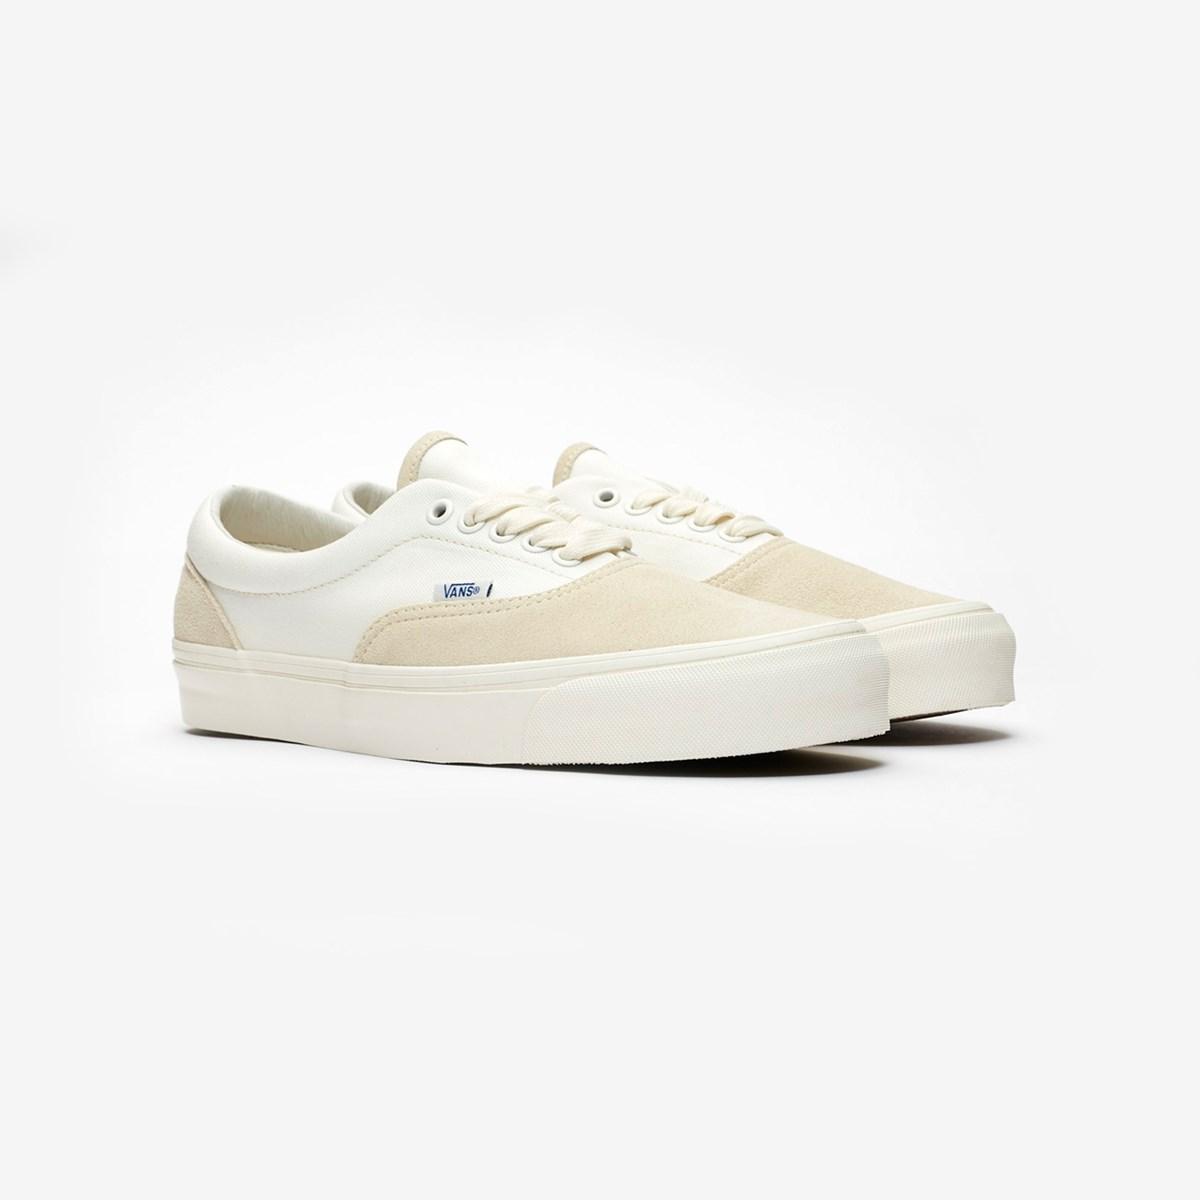 d17a64c7008 Vans OG Era LX - Vn0a3cxnvqs - Sneakersnstuff